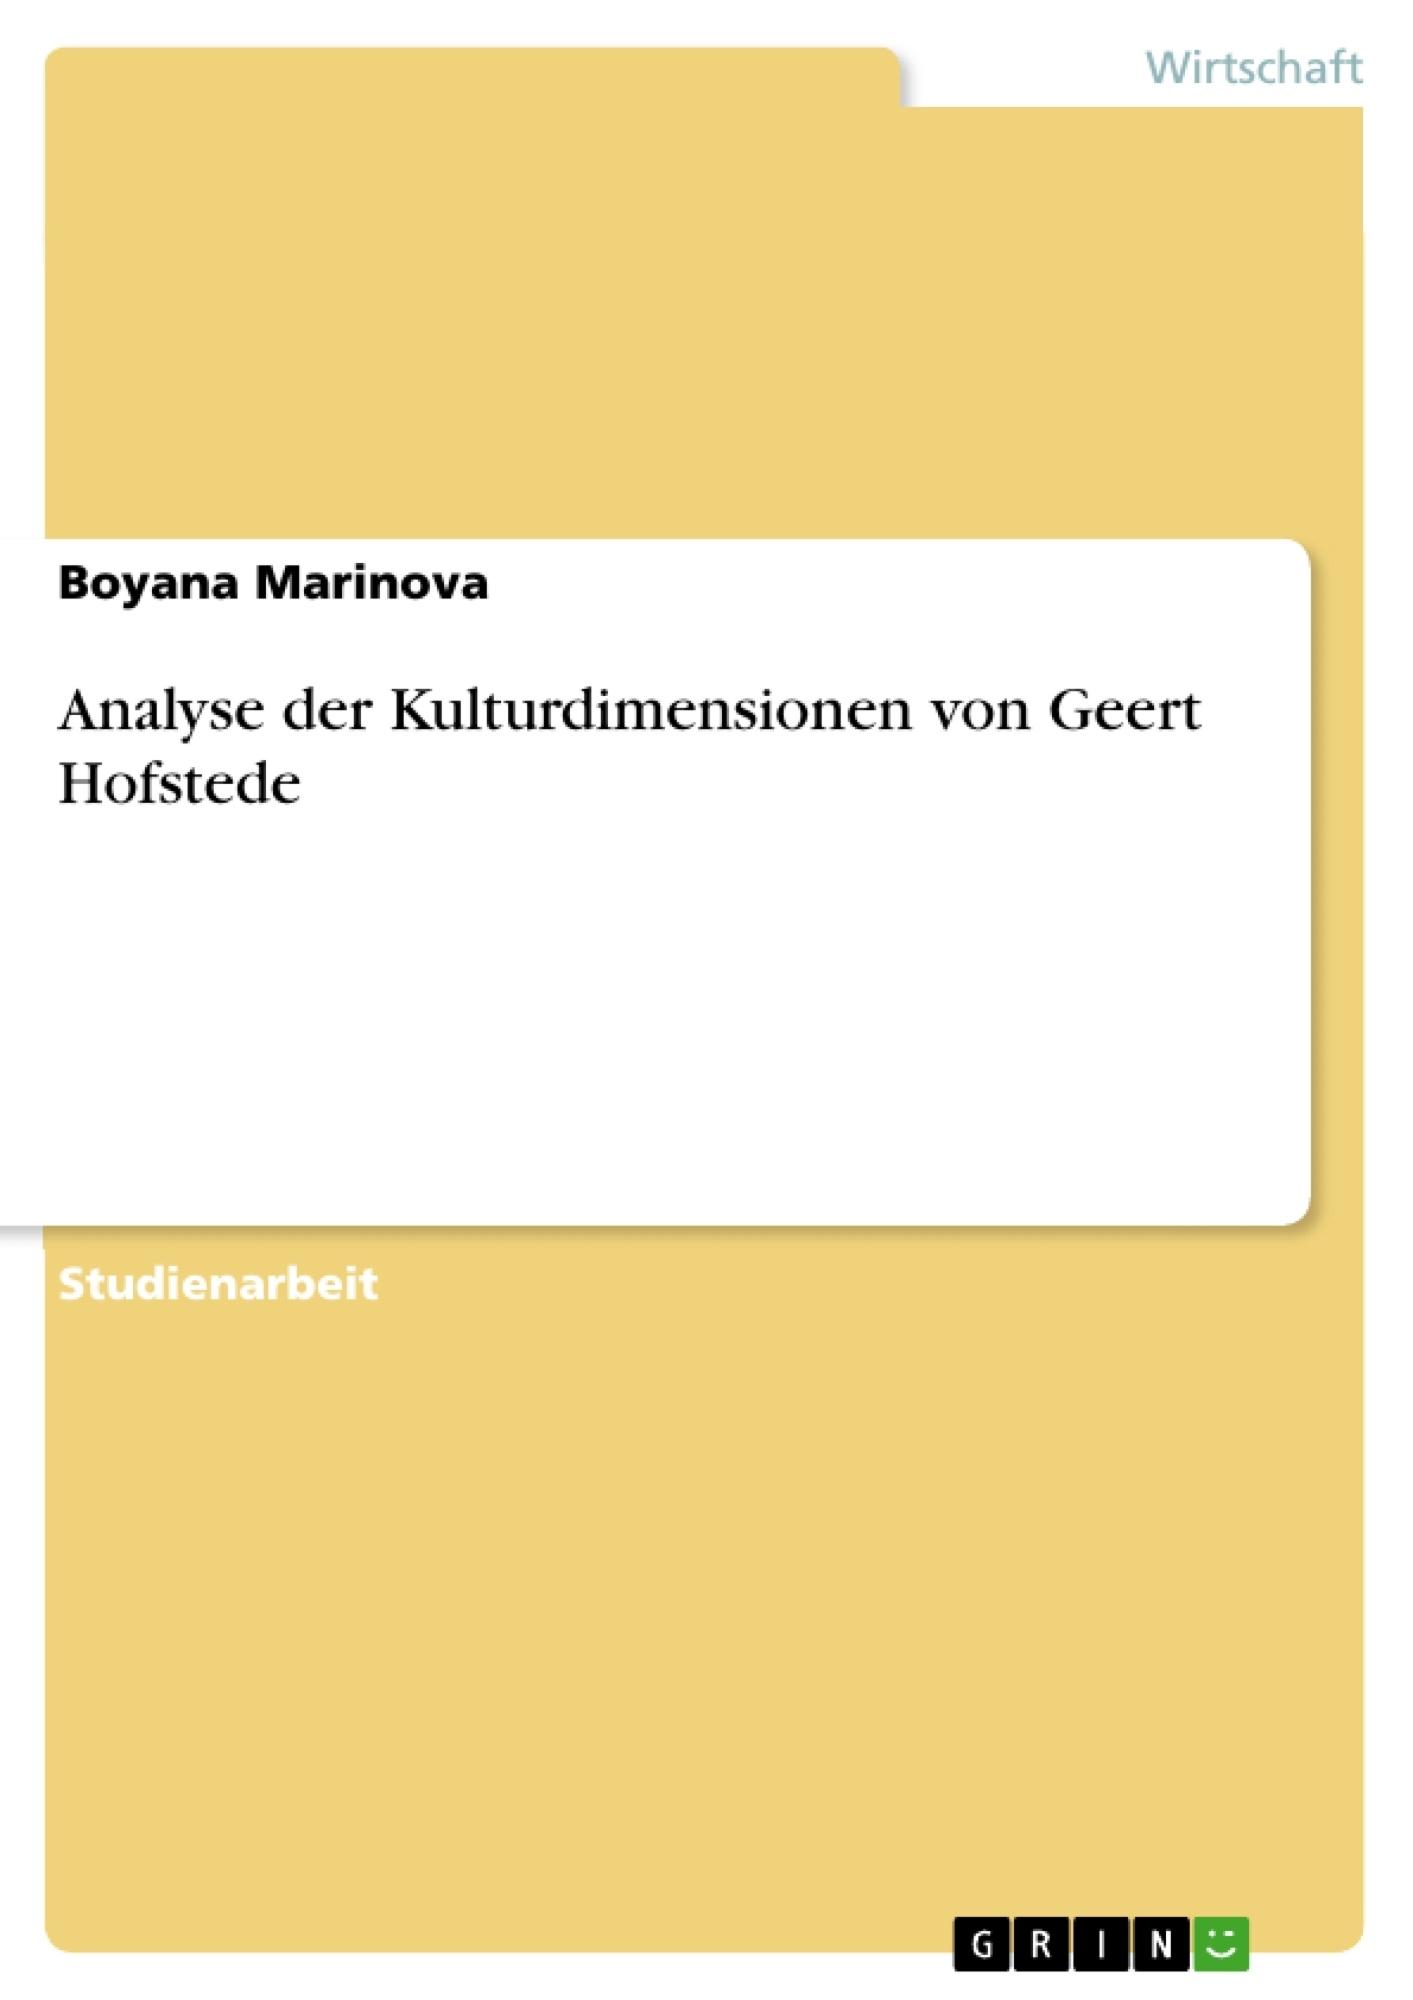 Titel: Analyse der Kulturdimensionen von Geert Hofstede